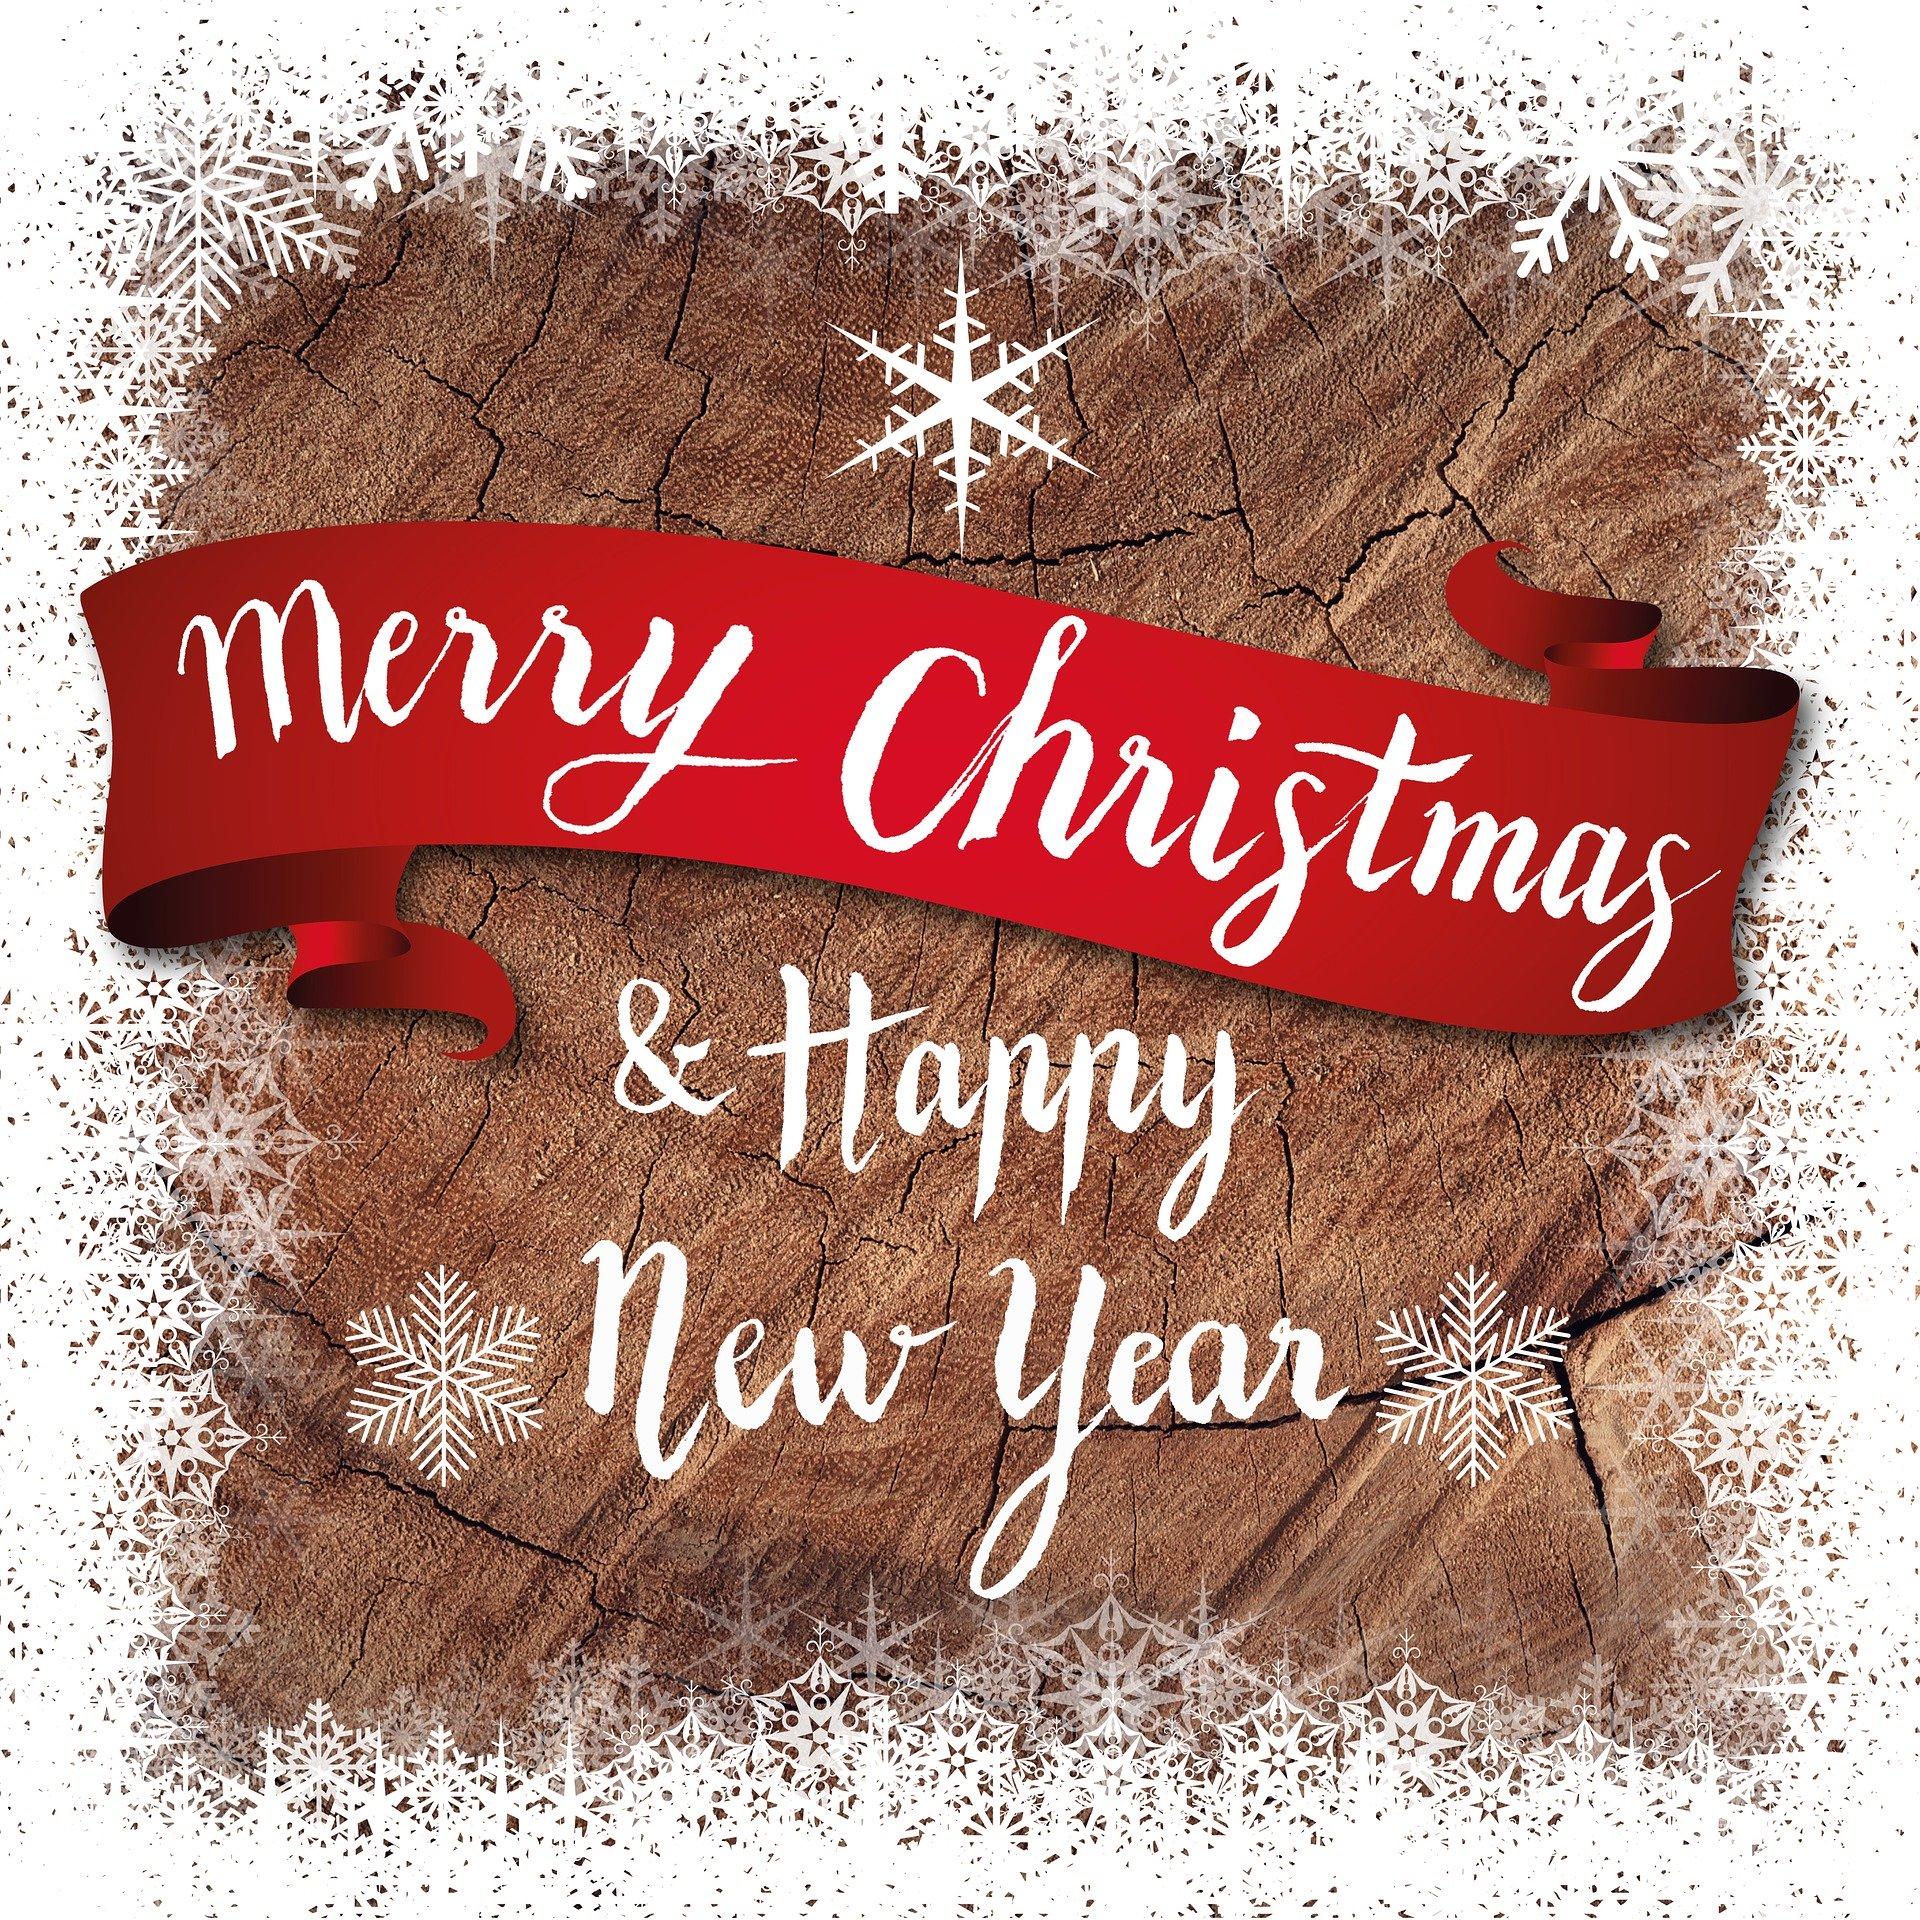 Wünsche jemanden Frohe Weihnachten! Kostet nix!